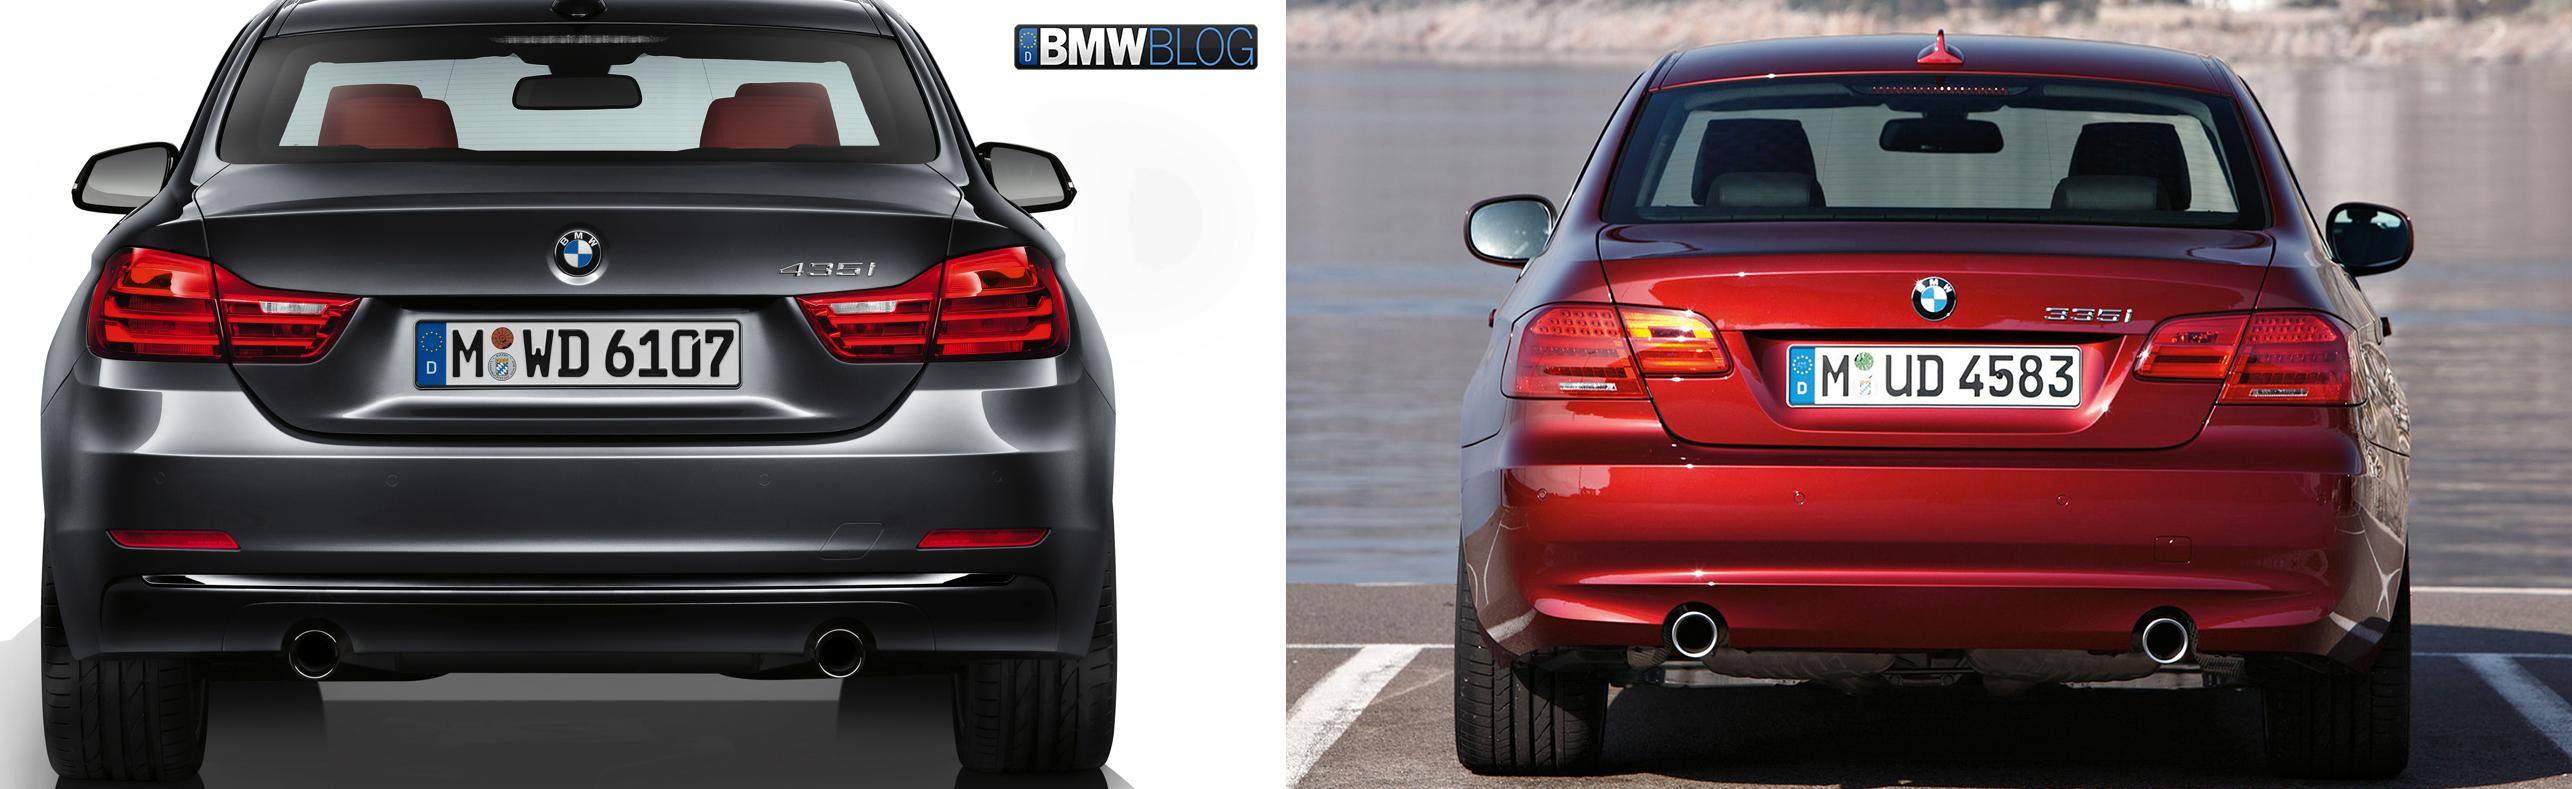 Bmw 4 Series Coupe Vs E92 3 Series Coupe Photo Comparison